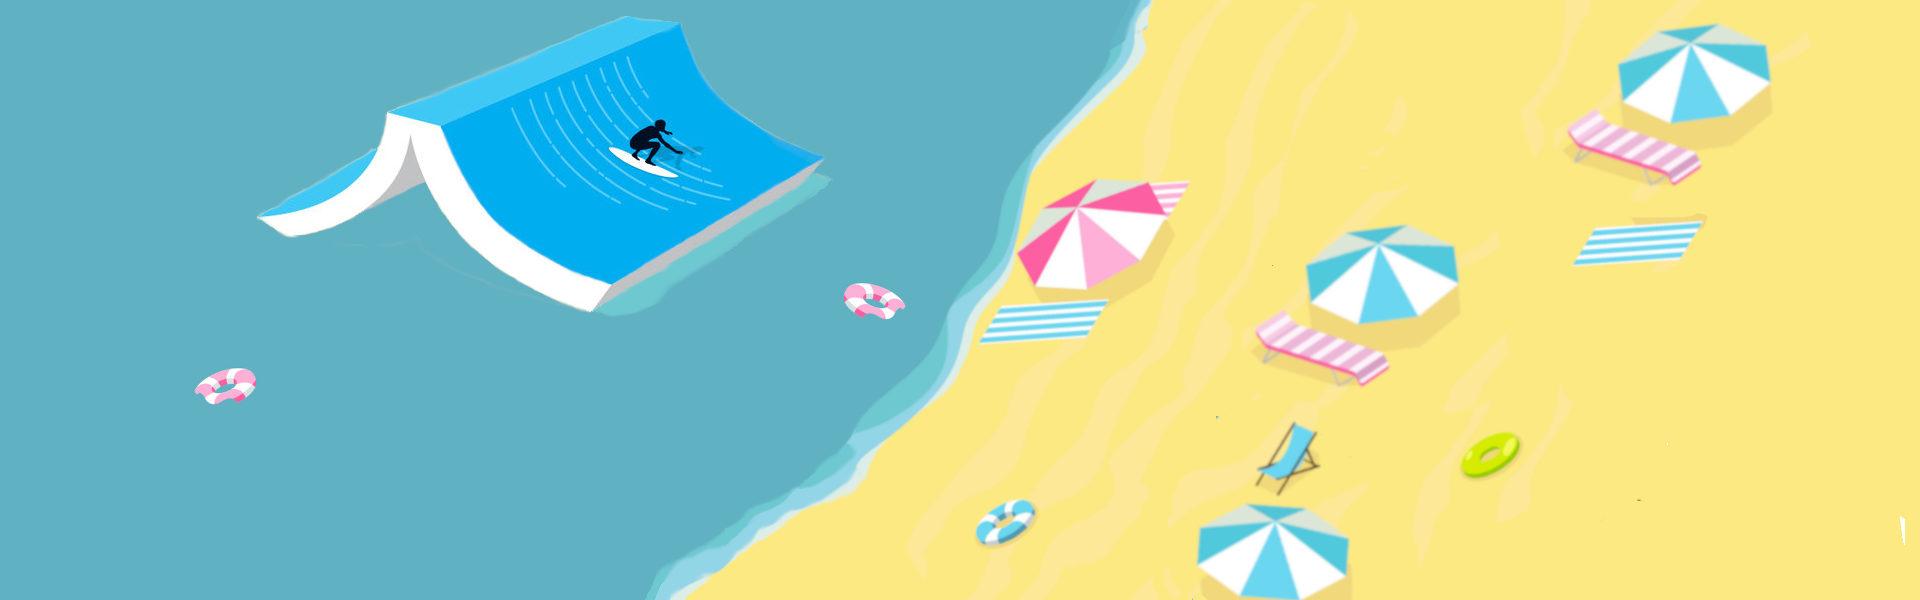 Letture sotto l'ombrellone